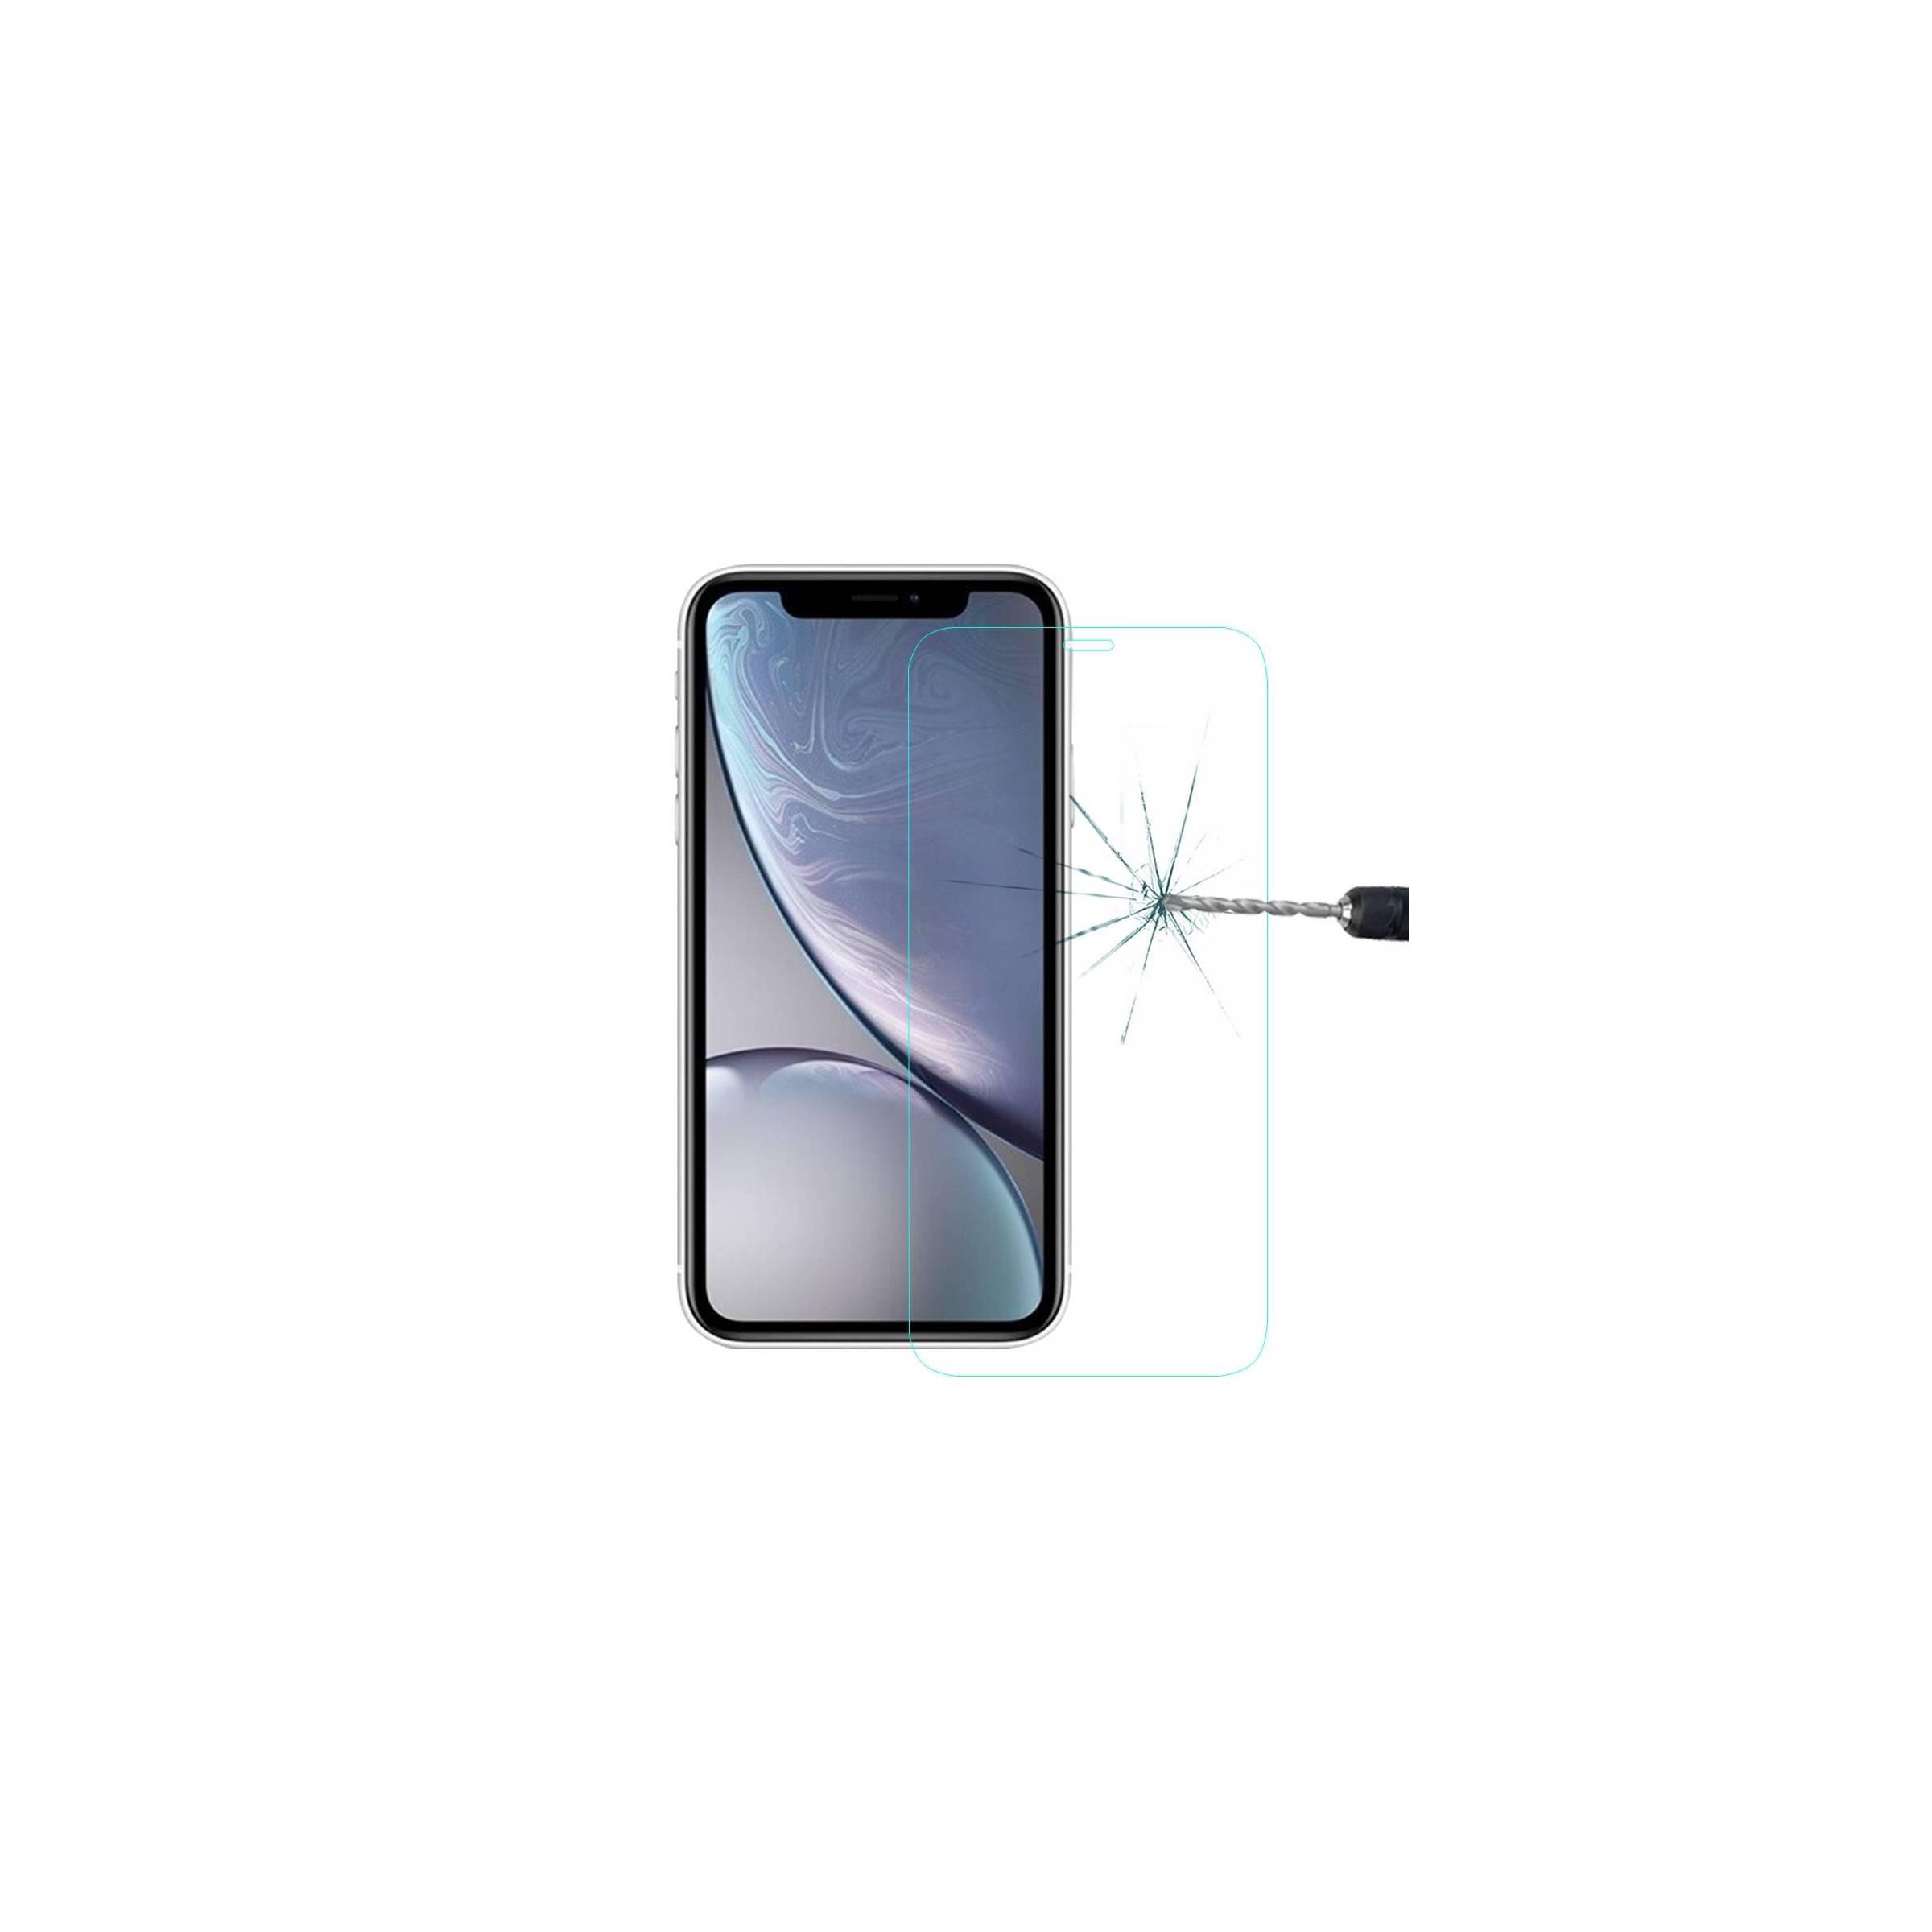 Beskyttelsesglas til iphone xr / 11 fra enkay på mackabler.dk